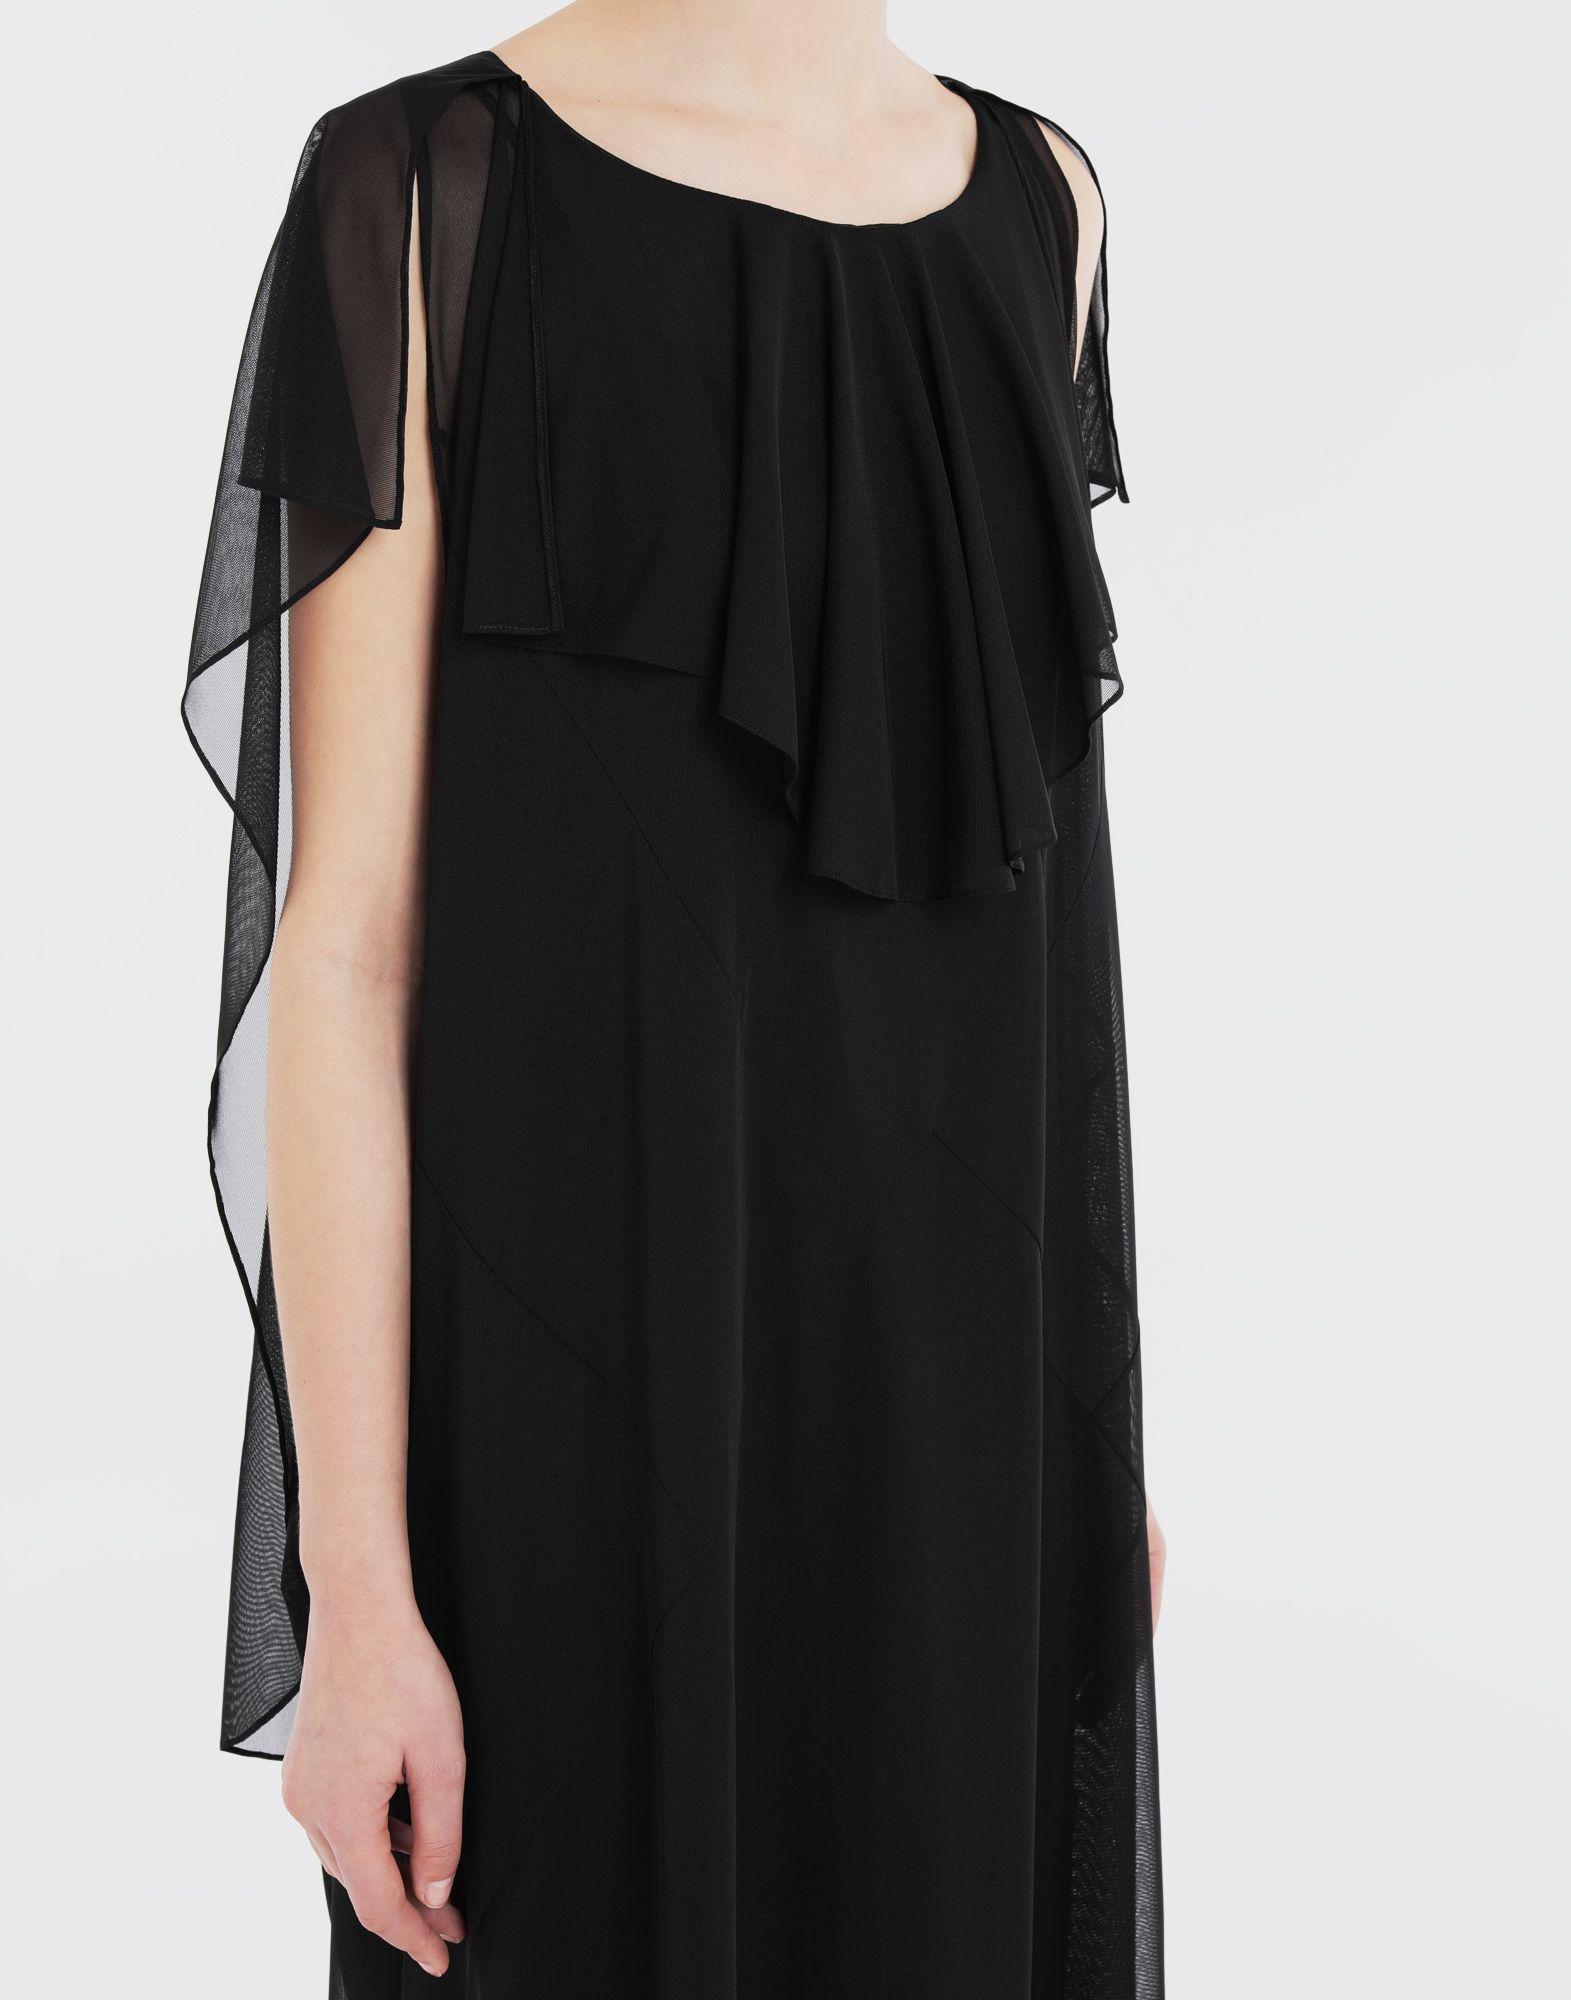 MAISON MARGIELA Sheer jersey dress Long dress Woman a